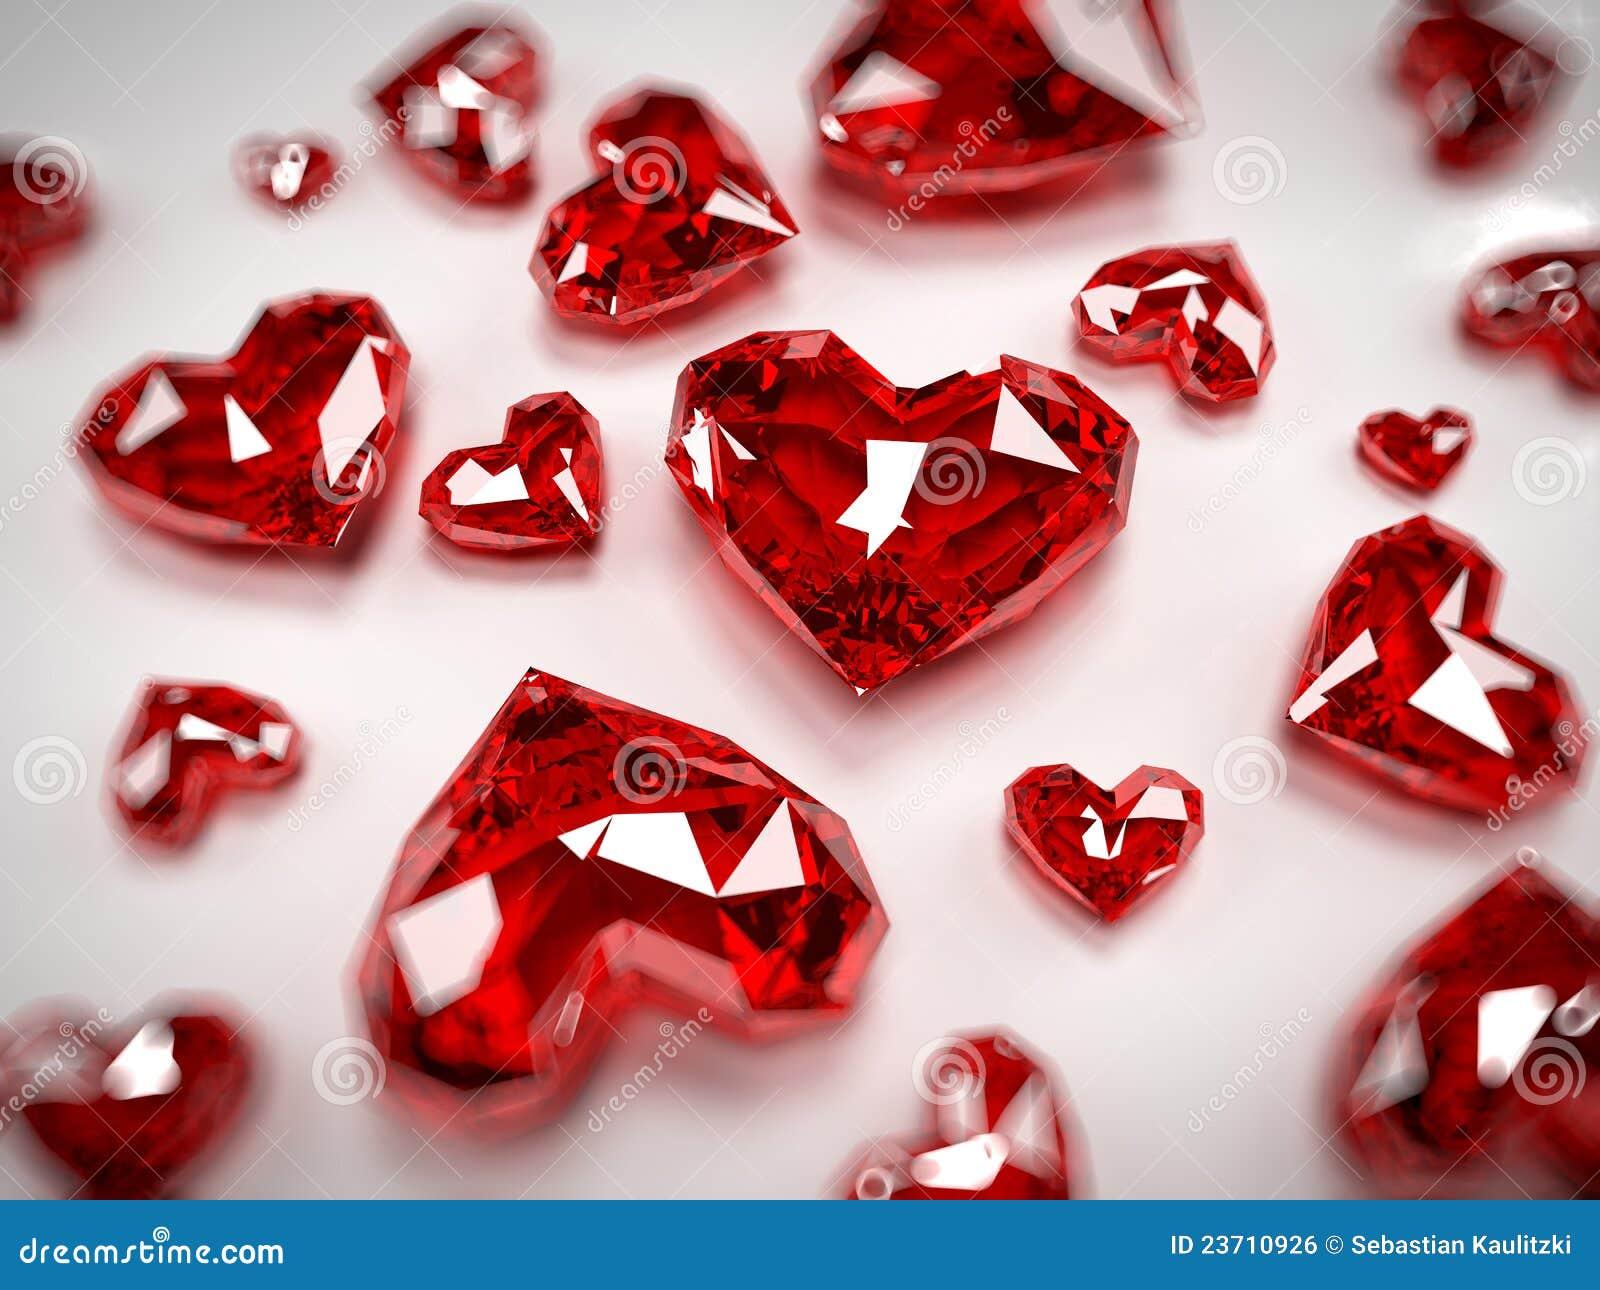 Ruby ruby corazones fotos